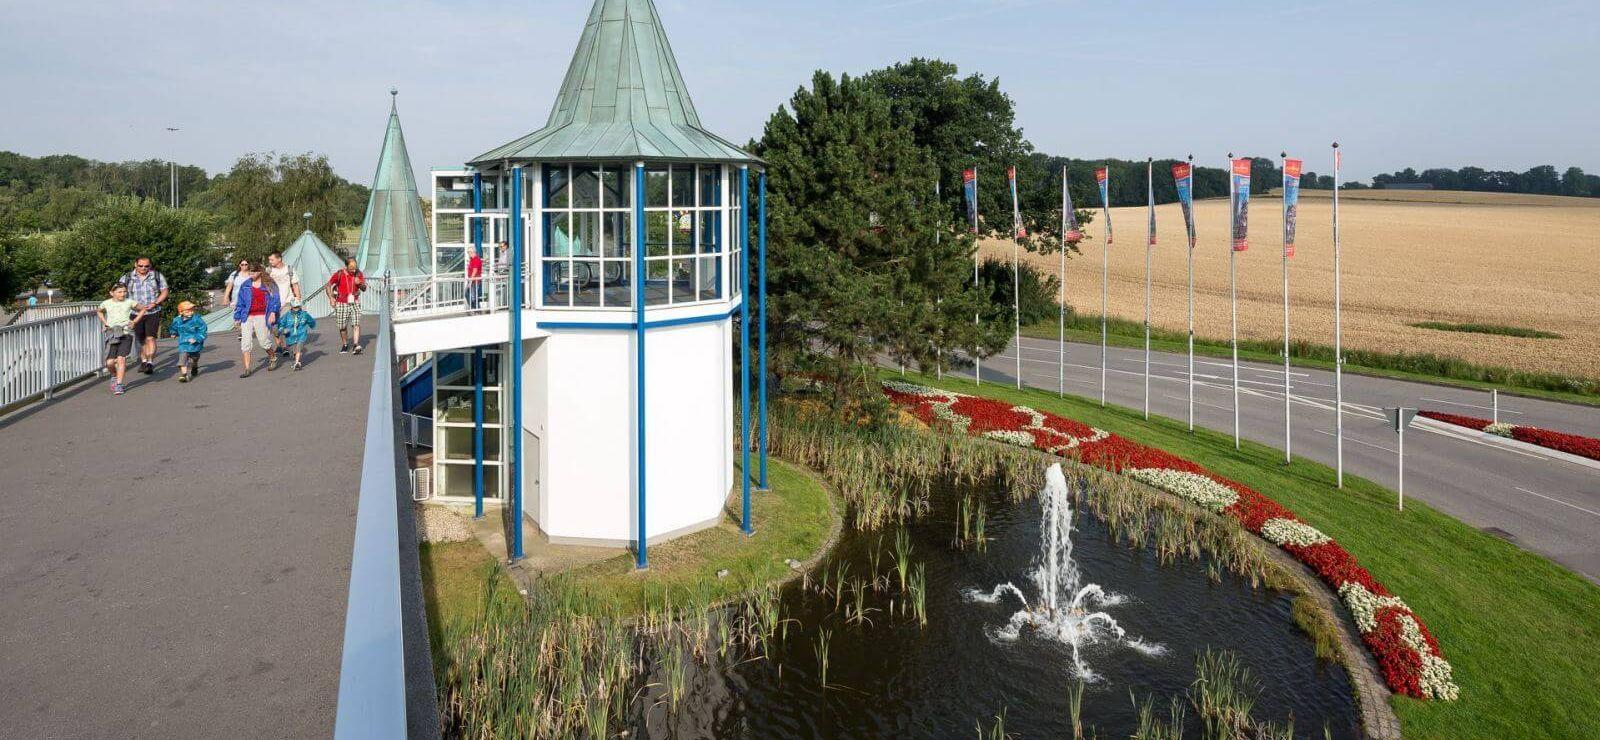 Henrejse Deutschlands Einziger Erlebnispark Am Meer